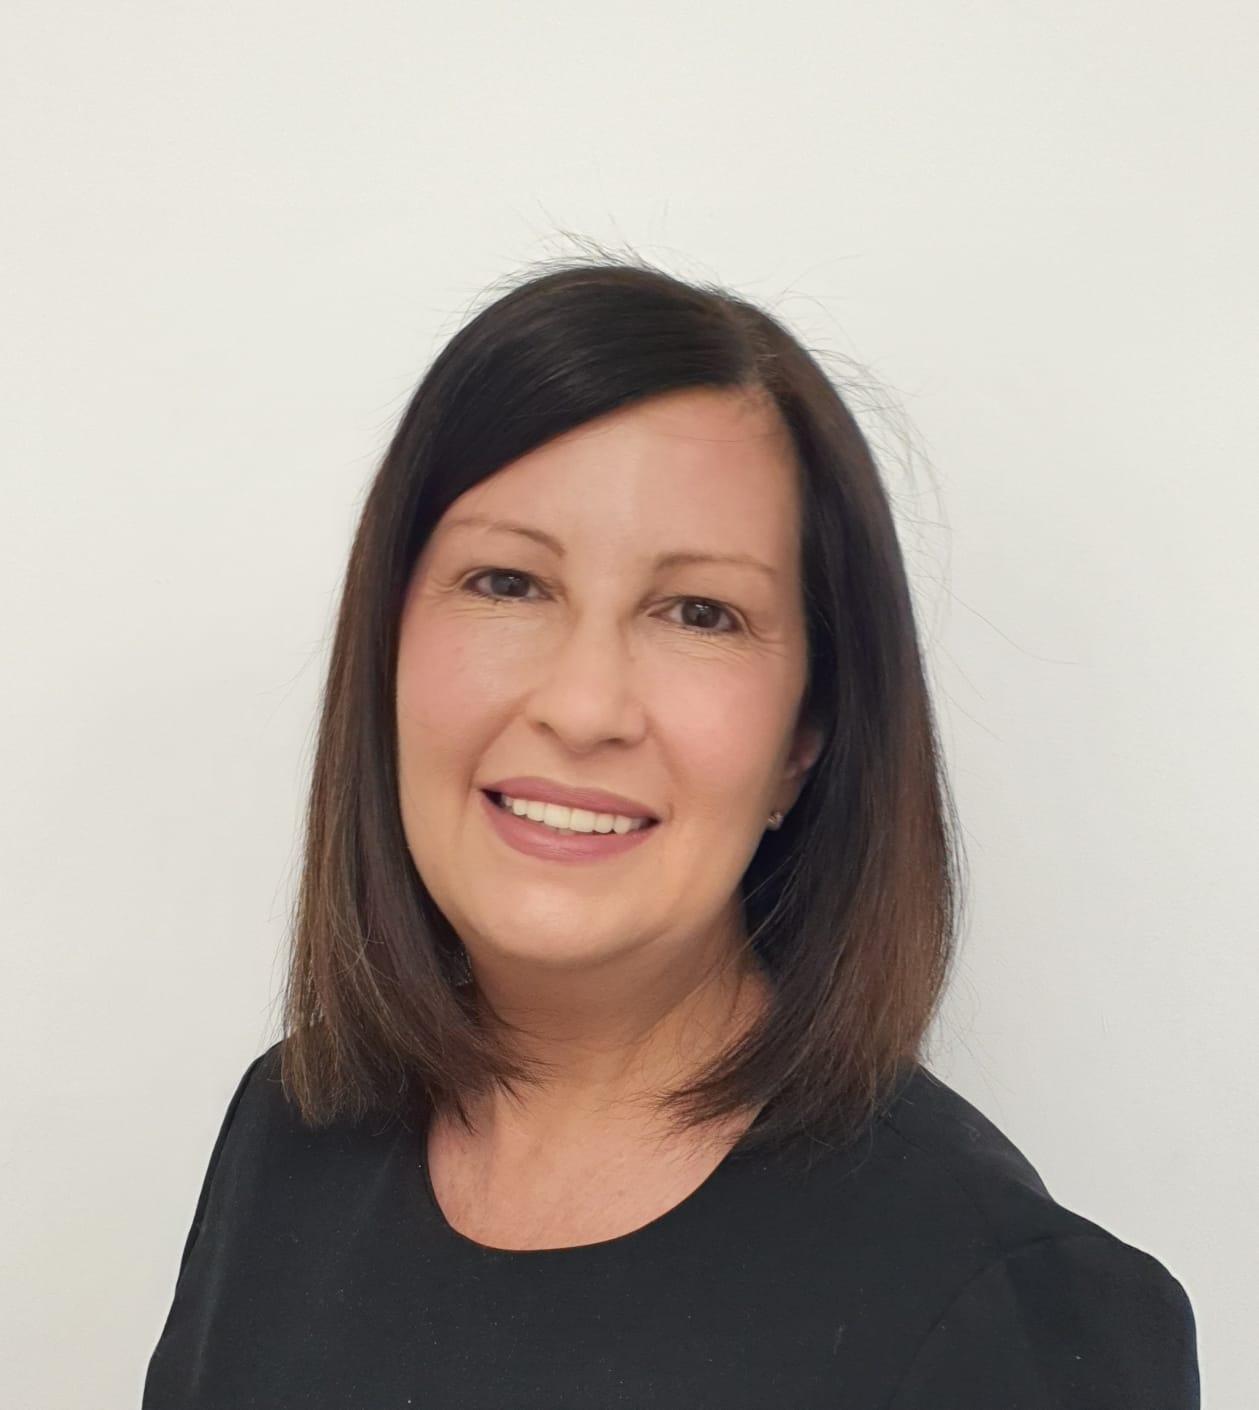 Juliette Plimmer, Practice Manager at Etwall Dental Practice